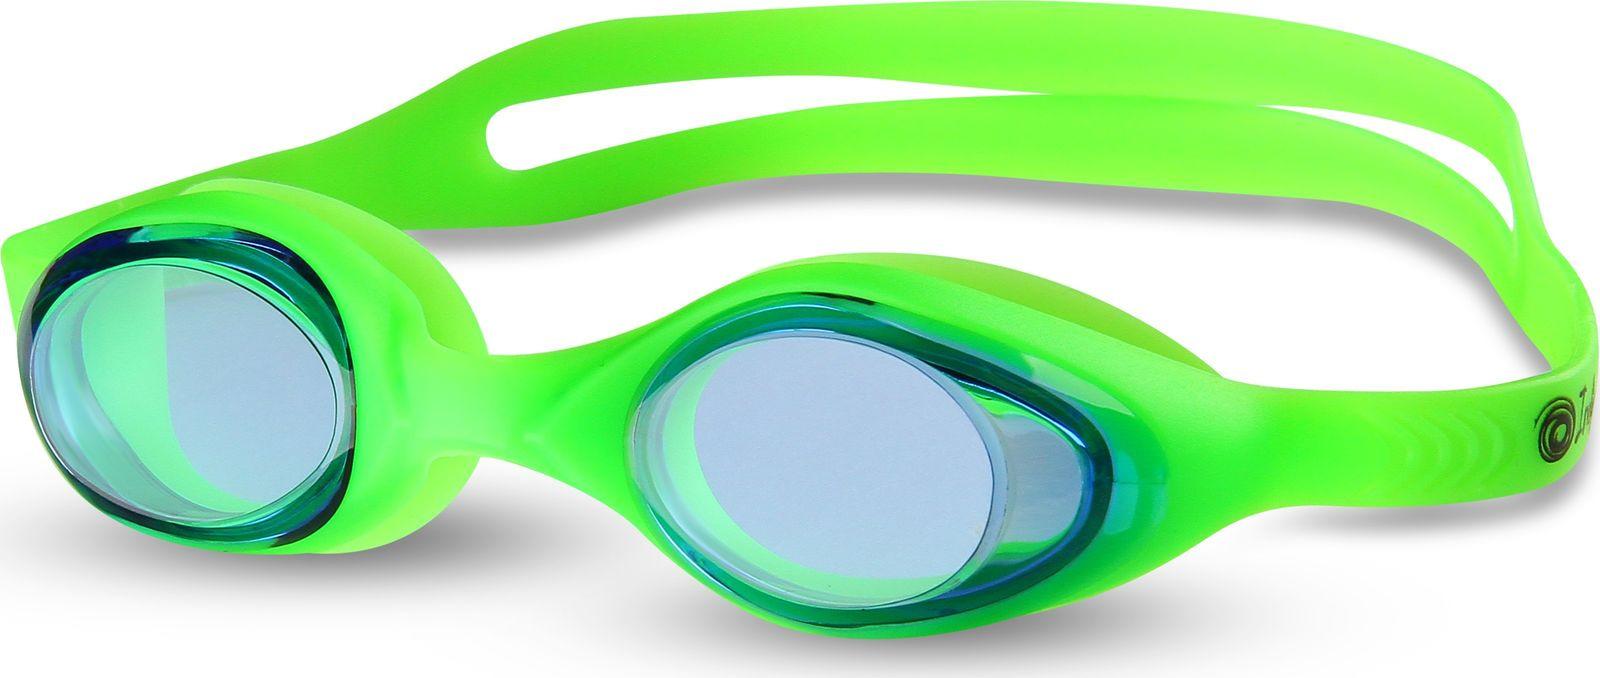 Очки для плавания детские Indigo, G6113, зеленый